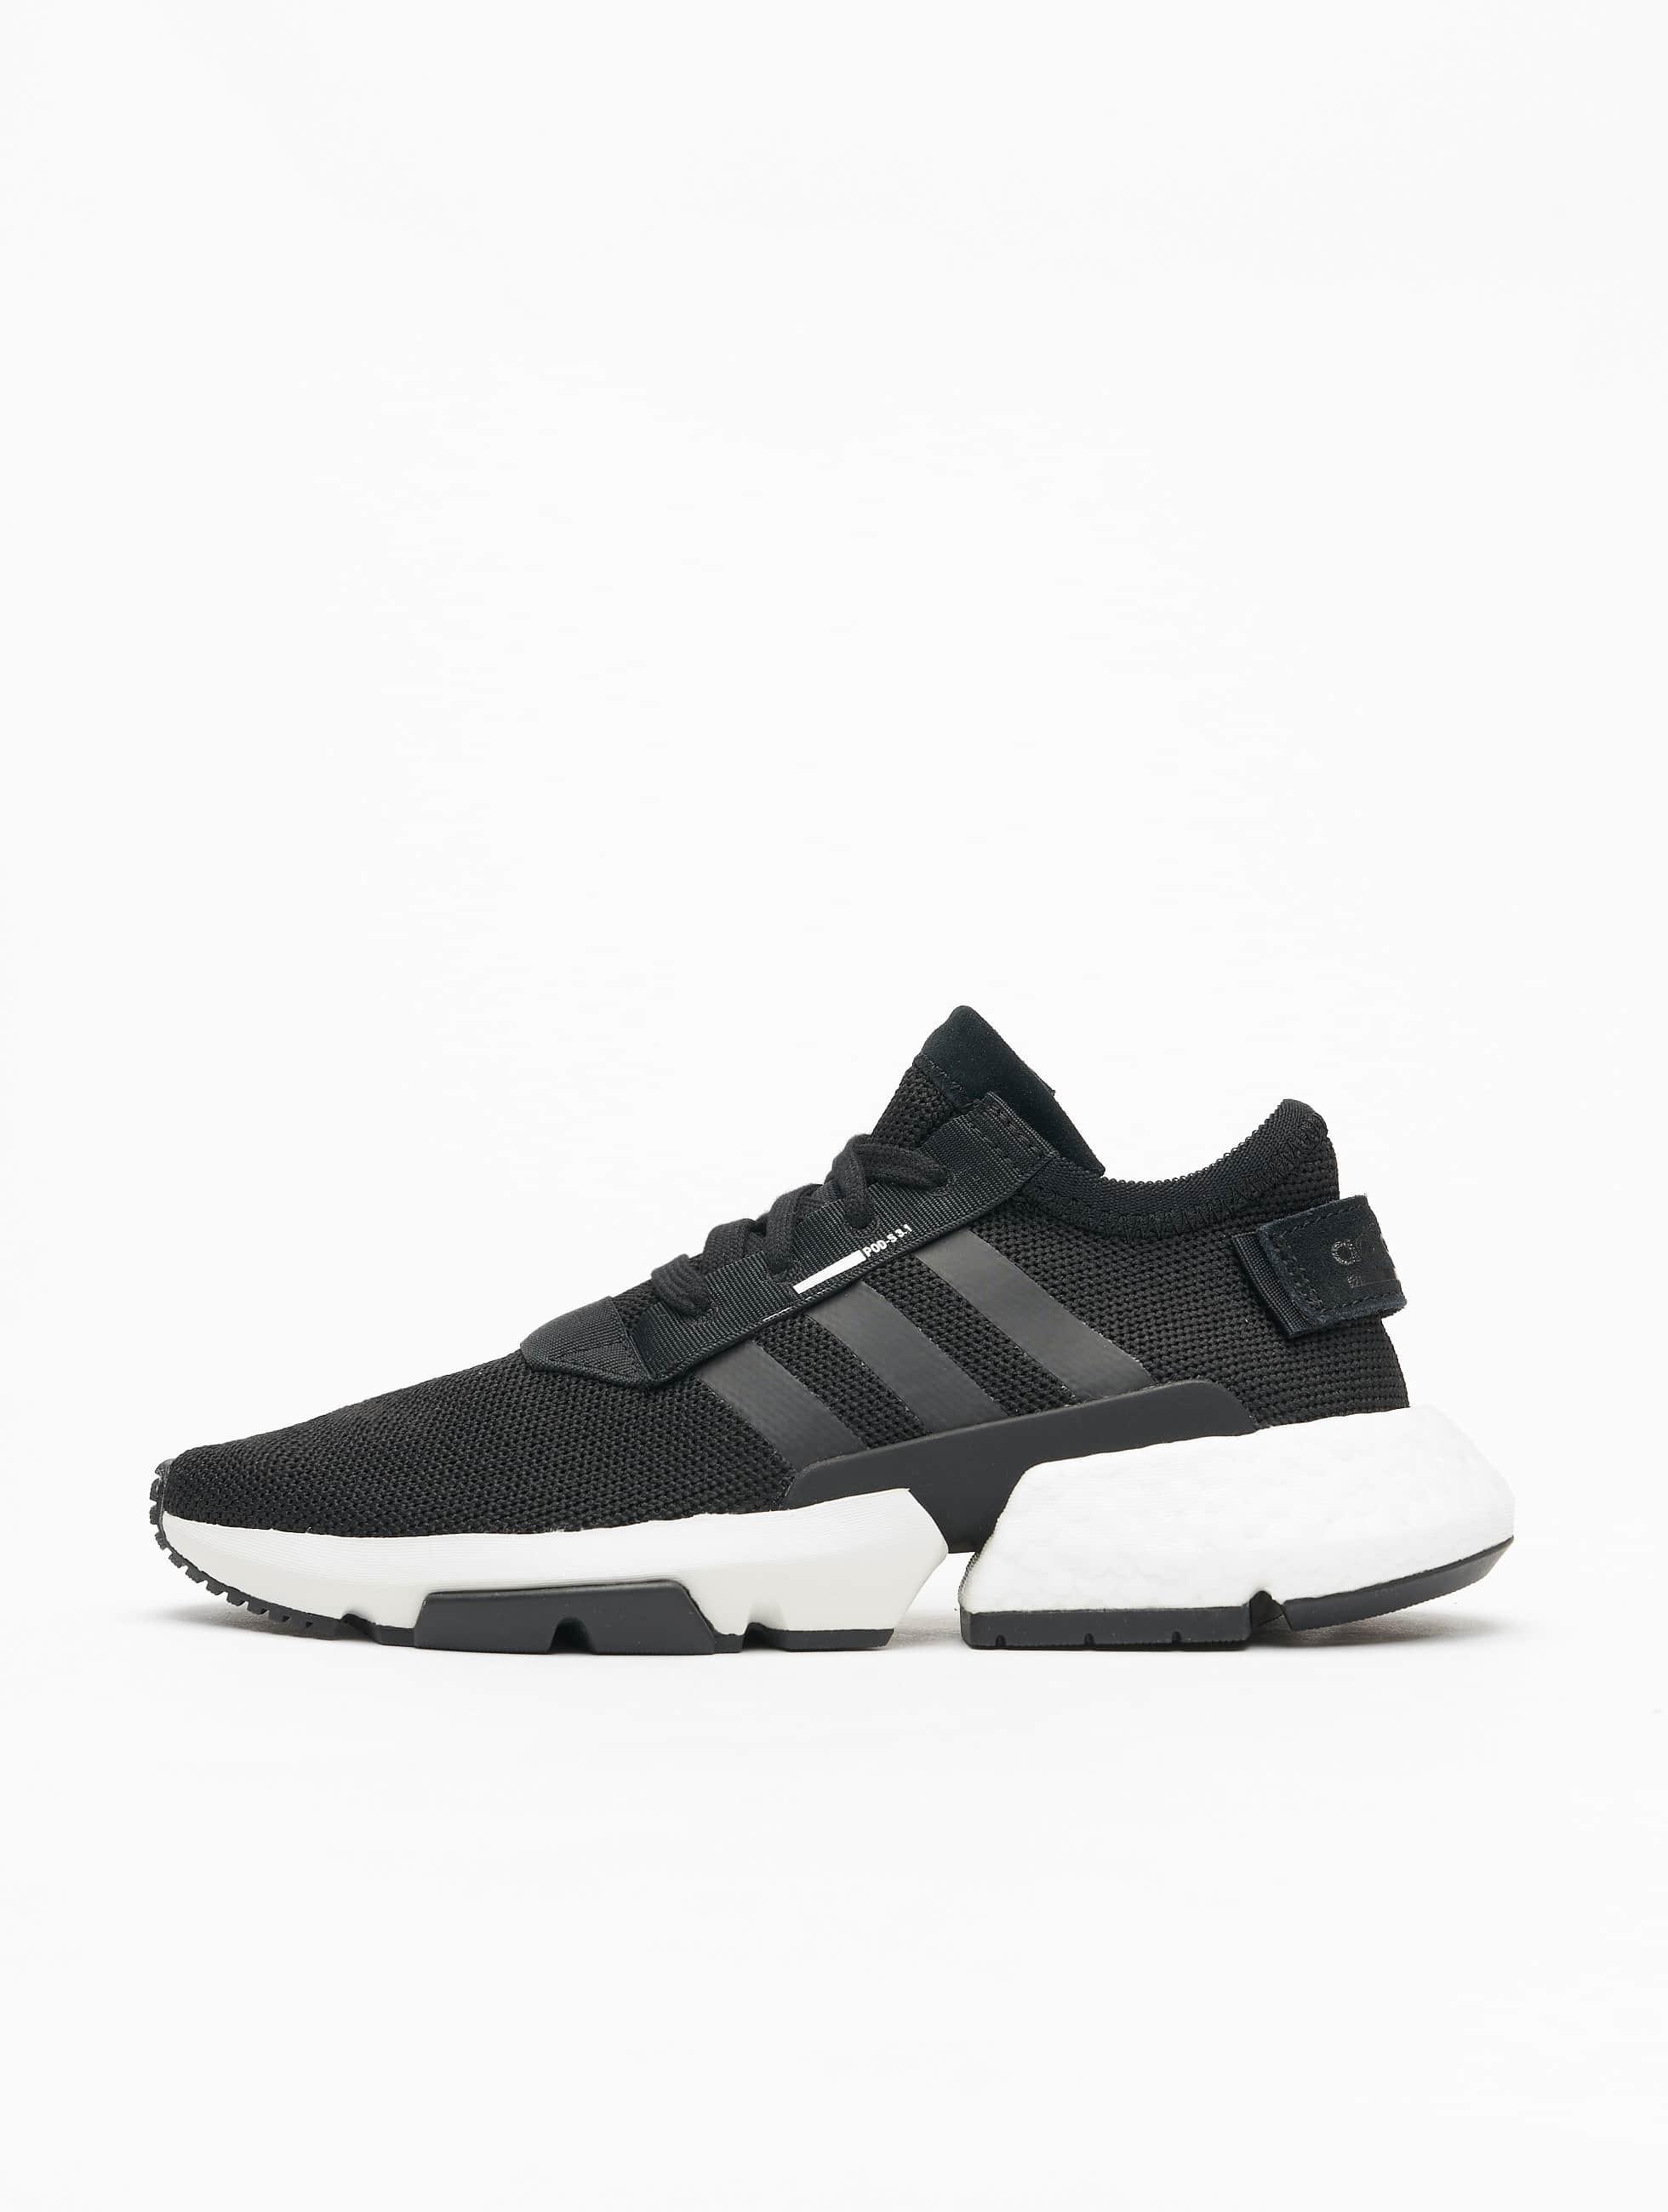 Sneakers Black S3 Originals Pod Core Adidas 1 BdxeWrCo